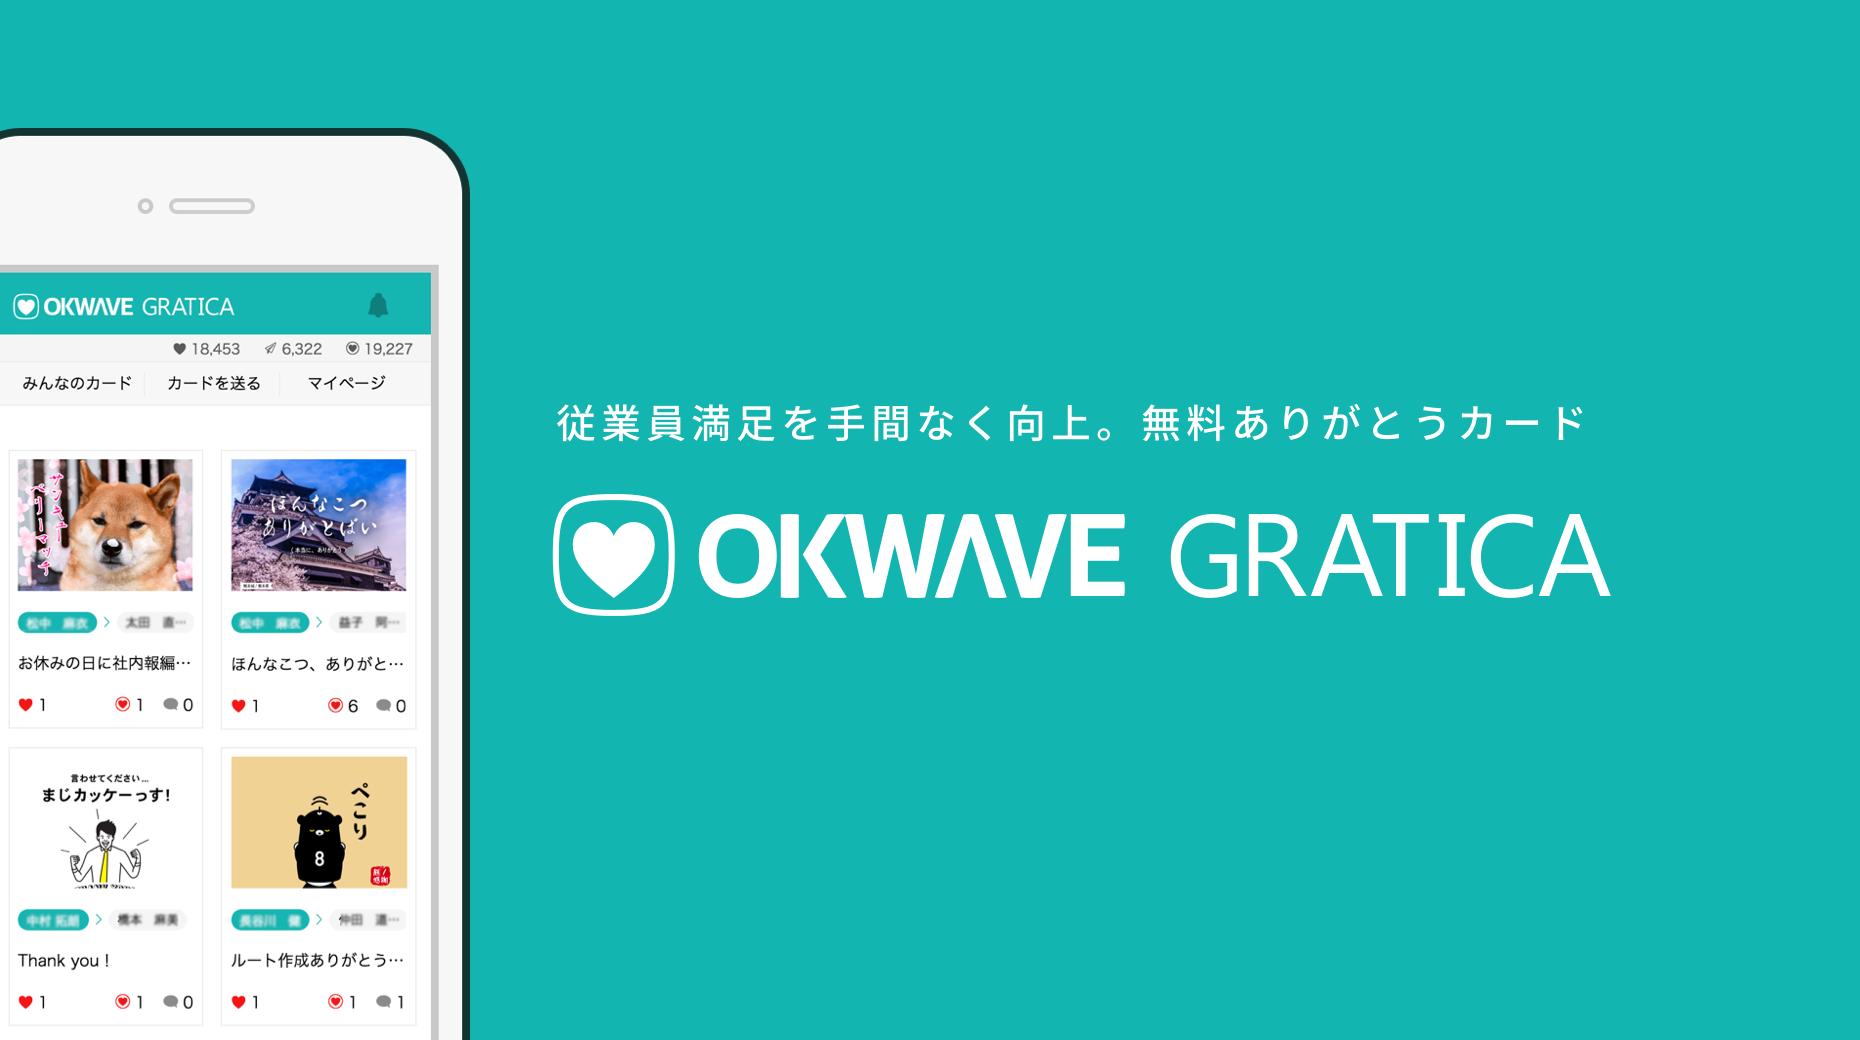 ありがとうカードサービス OKWAVE GRATICA